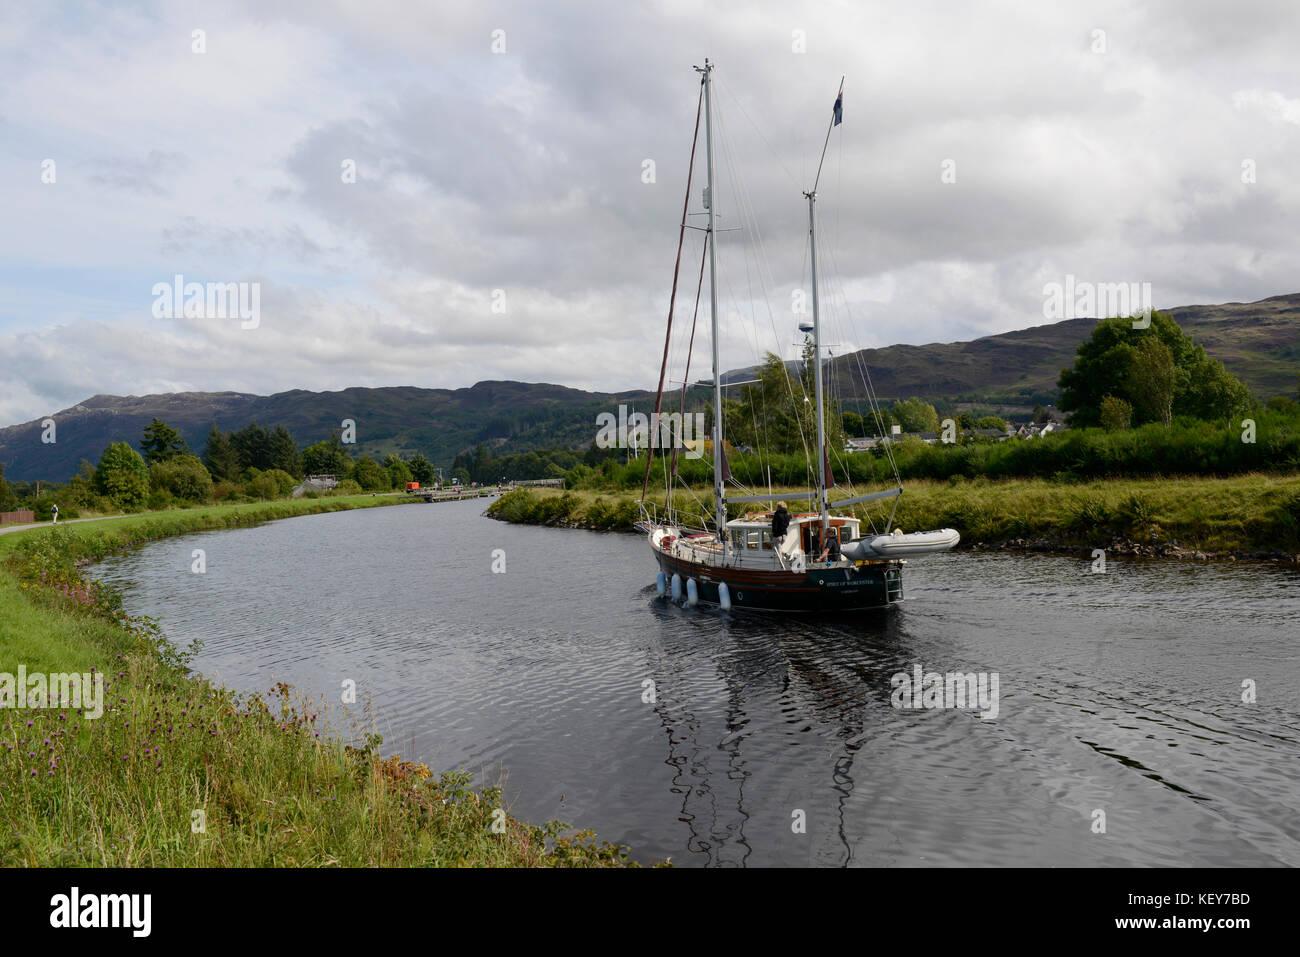 Scotland, UK.  Yacht cruising on Caledonian Canal near Loch Ness. - Stock Image